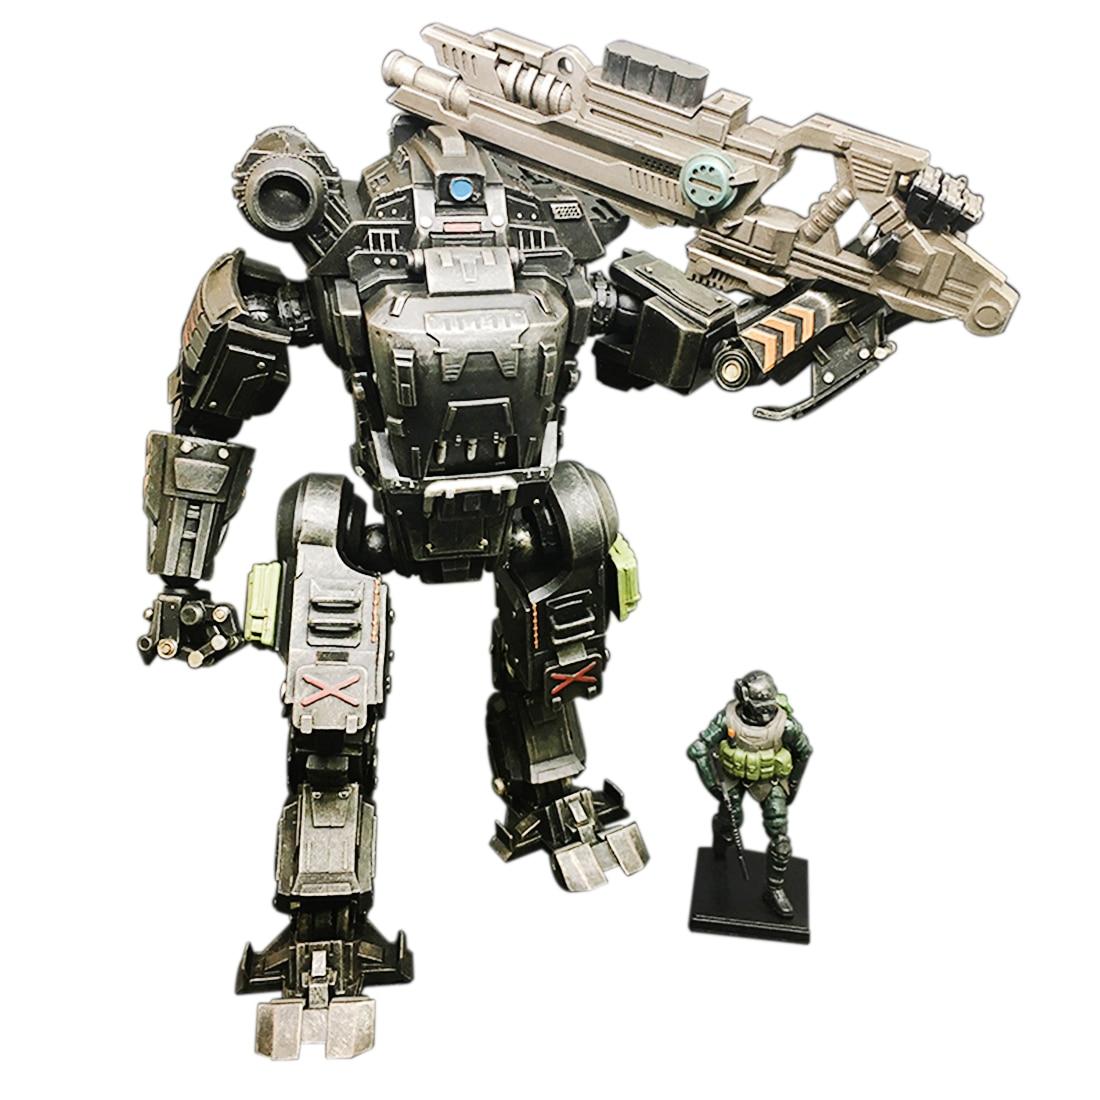 21 см 1:25 DIY съемная меховая модель солдатская модель Строительная игрушка с высокой степенью уменьшения строительные блоки черный Zeus